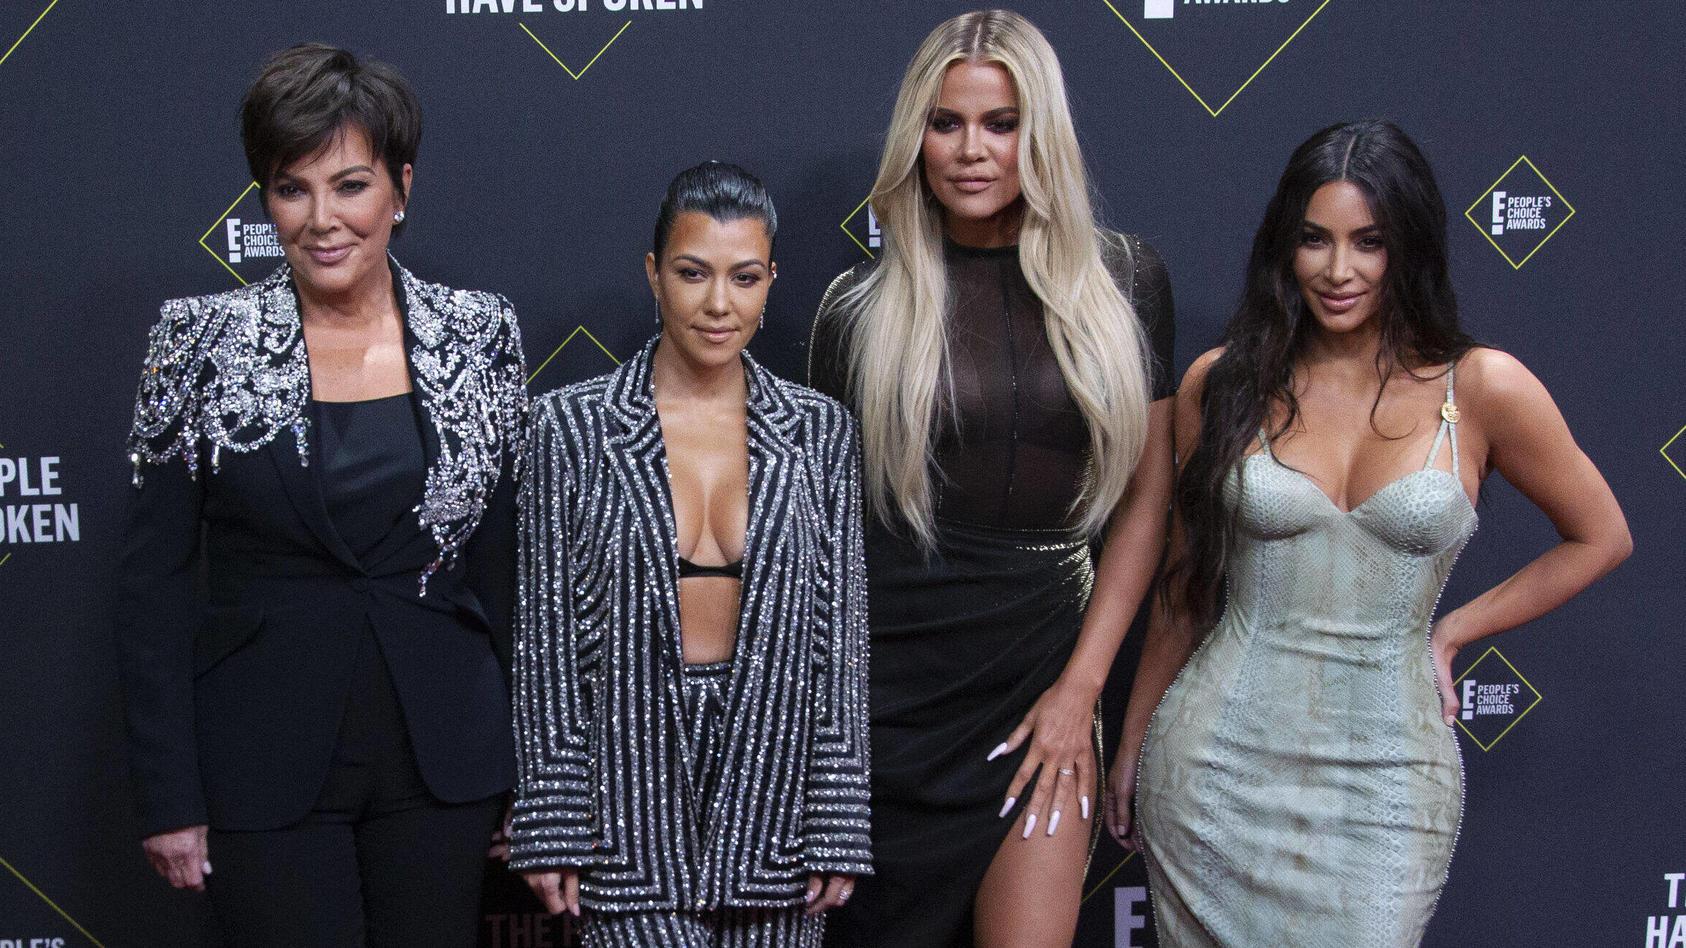 Der Kardashian-Jenner-Clan wird 2020 keine Weihnachtsparty schmeißen.